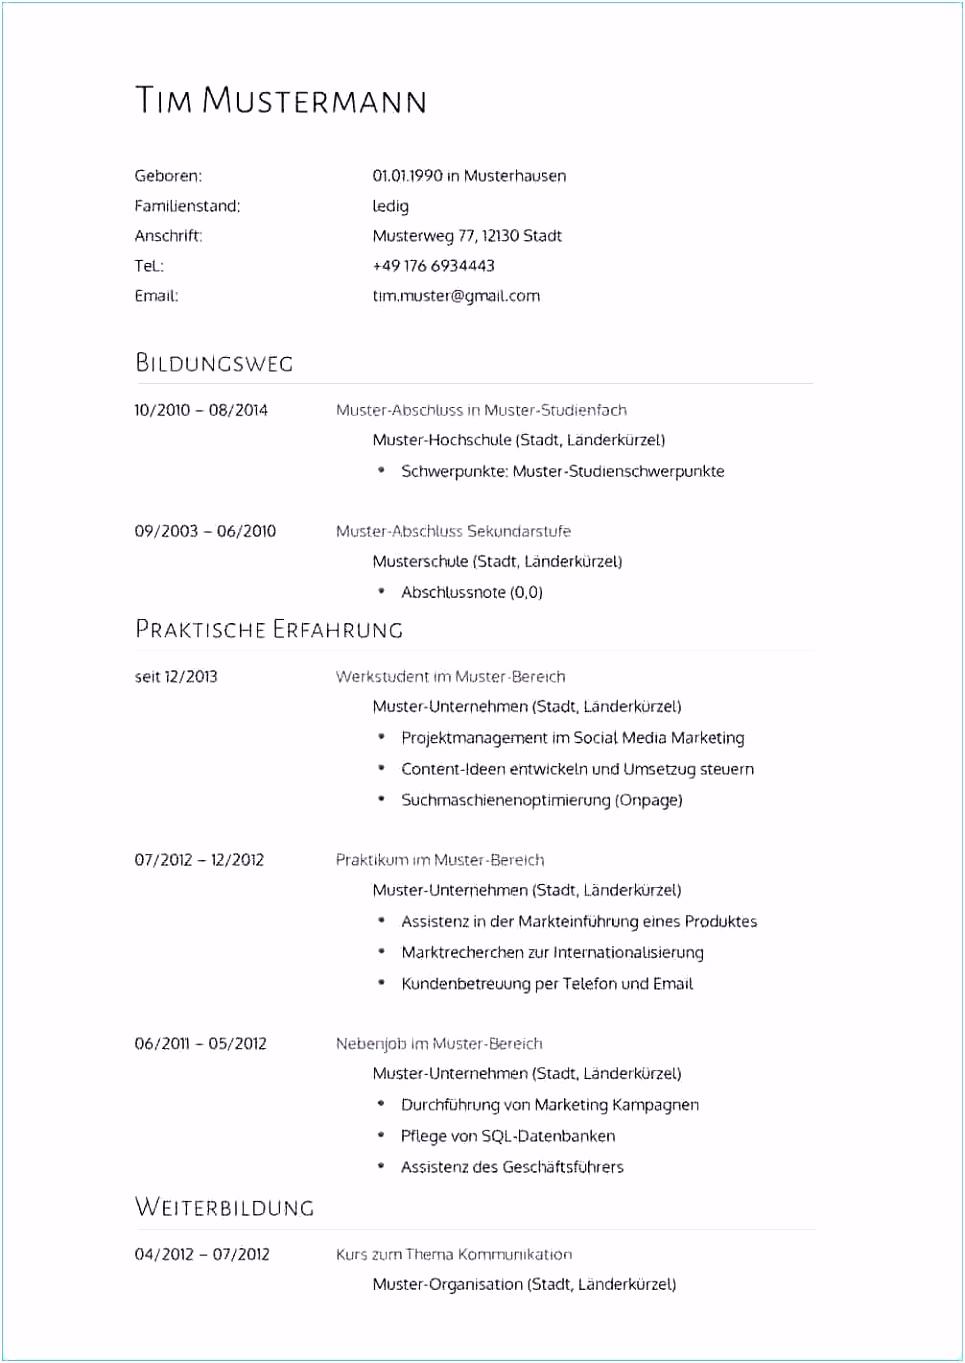 Libreoffice Datenbank Vorlagen Frisches Libreoffice Lebenslauf Vorlage C2to62gld1 W6mgsucwxu